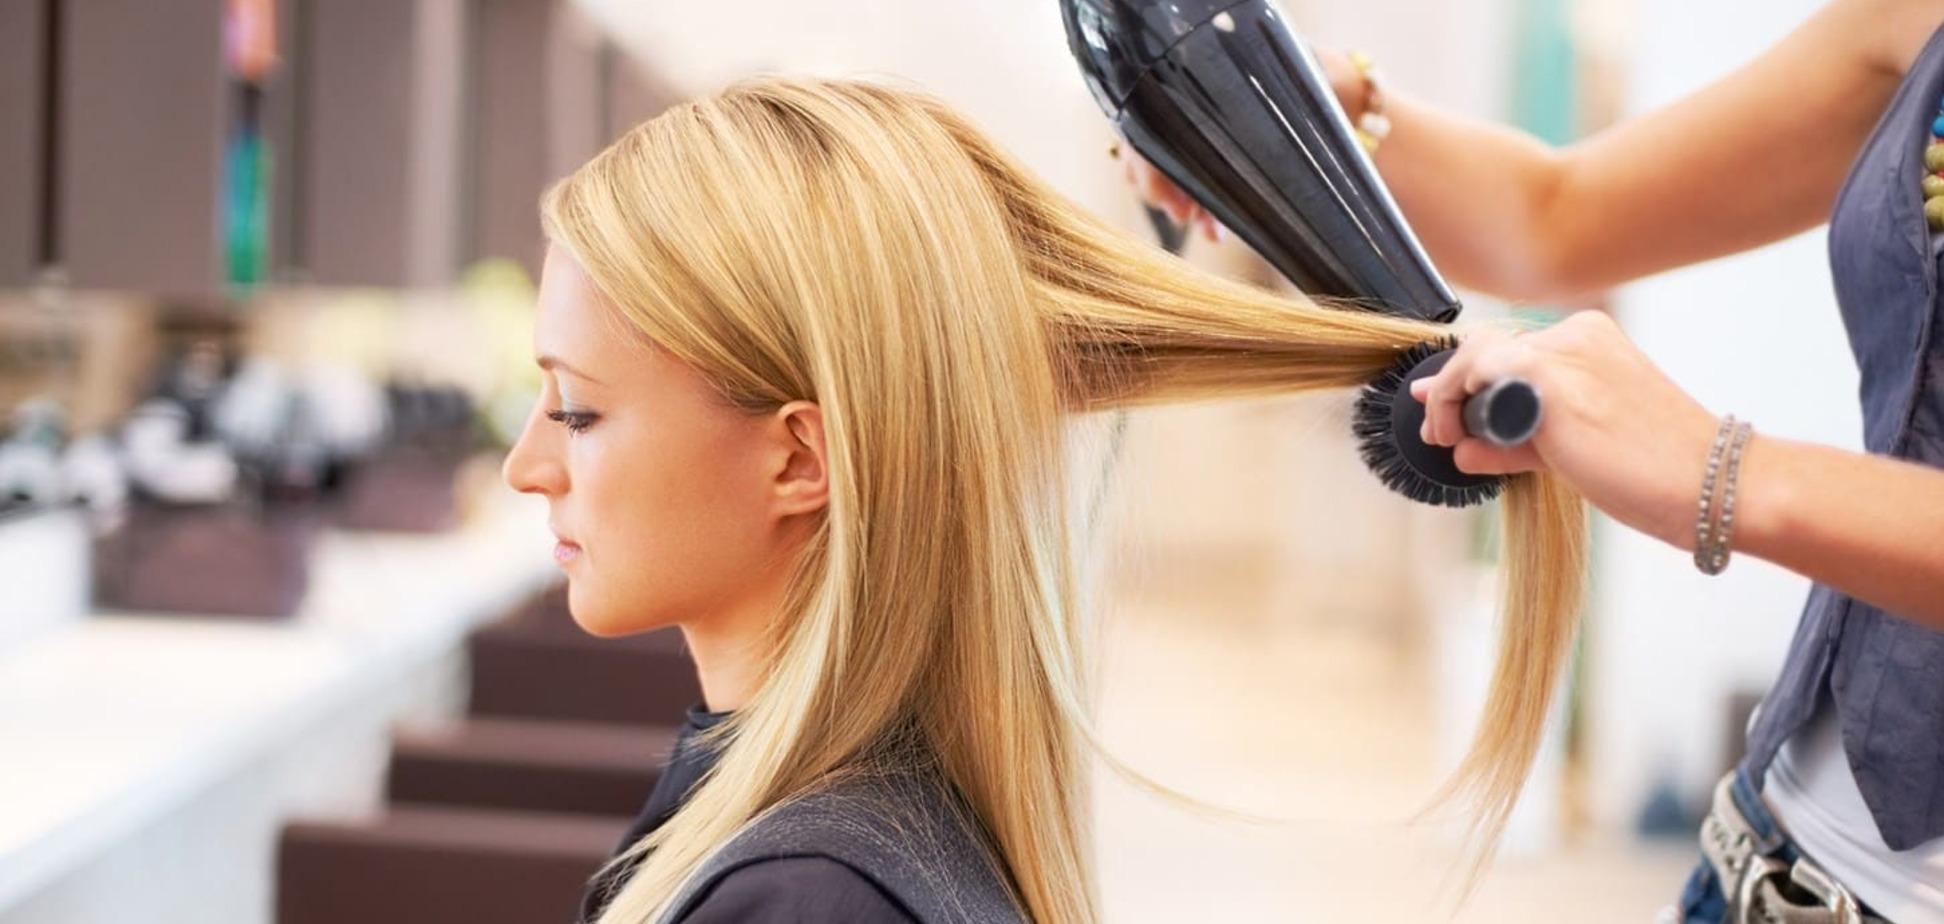 Астрологи вважають, що від дати стрижки залежить краса волосся